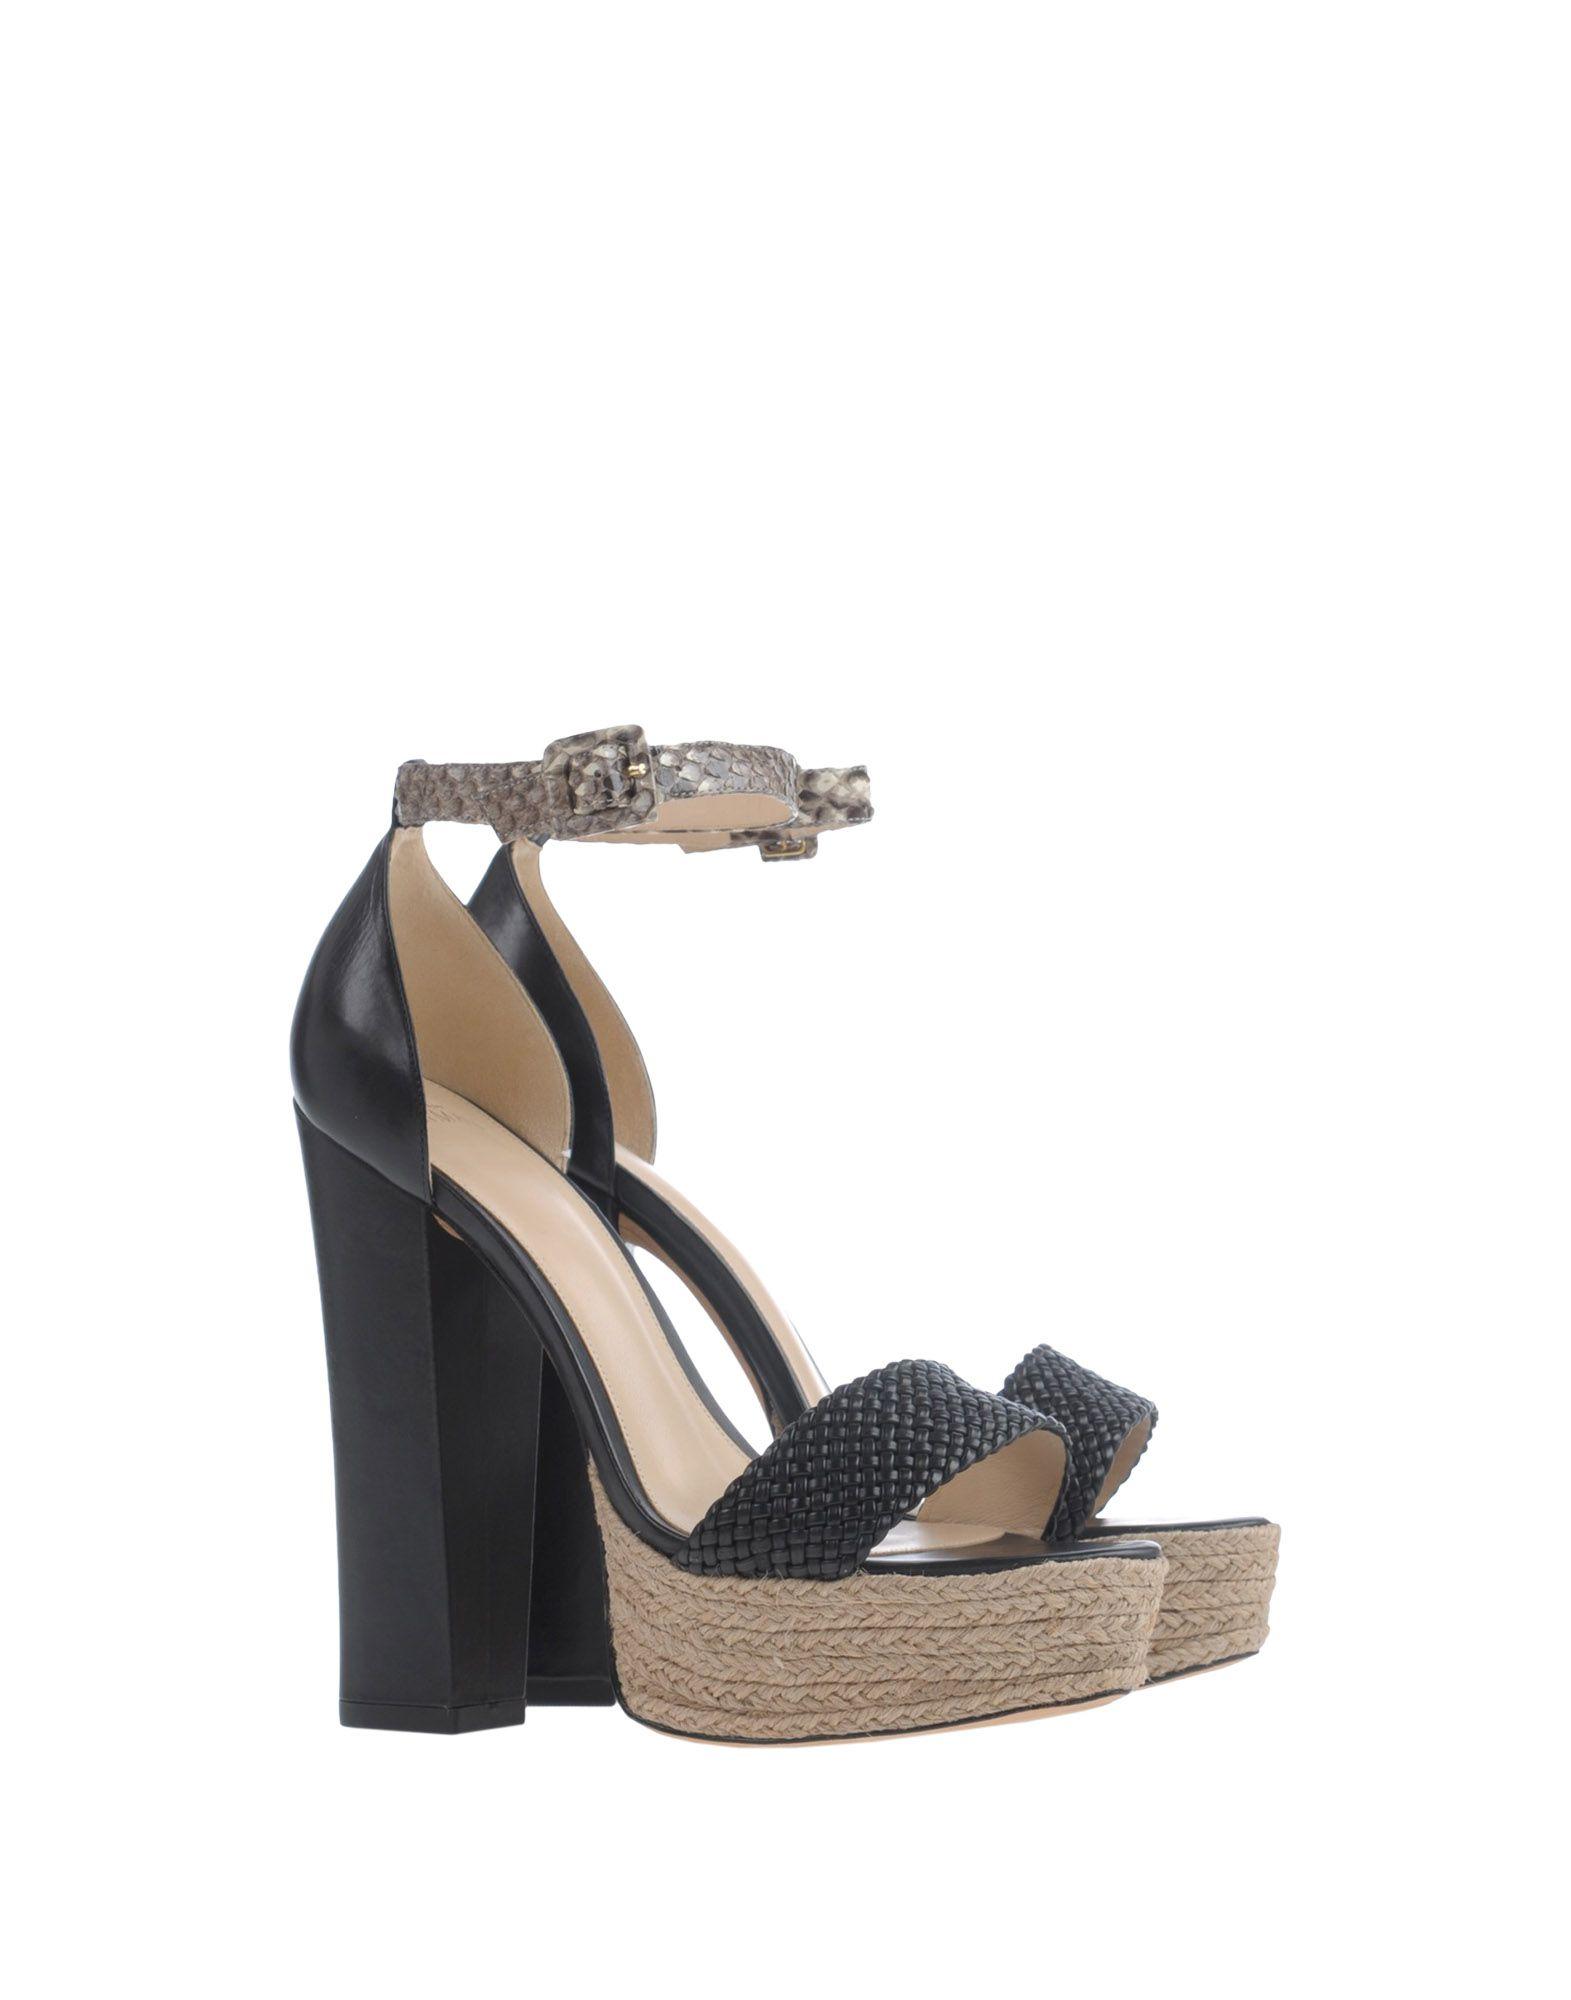 Alexandre Birman Sandalen Damen  11342791WC Schuhe Neue Schuhe 11342791WC b516c4